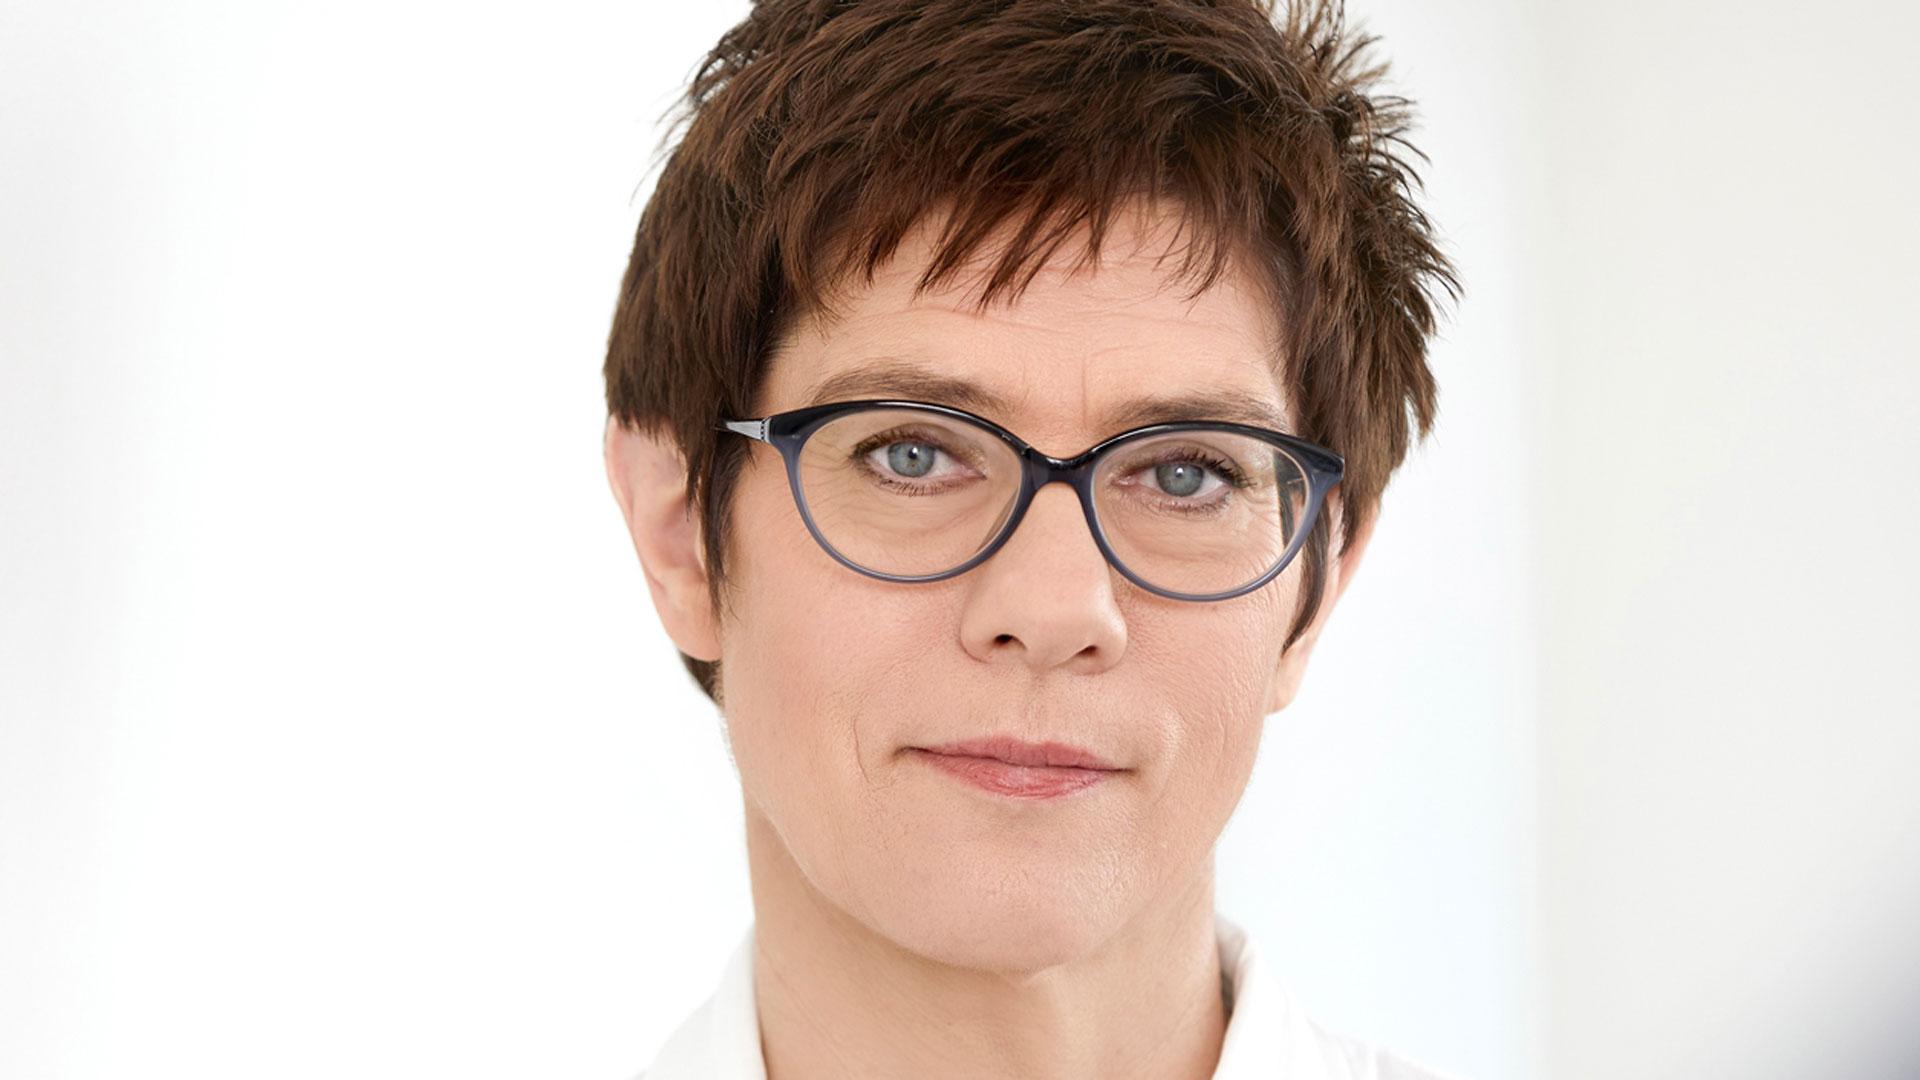 Annegret Kramp-Karrenbauer steht in der Kritik. Doch was hat sie wirklich gefordert?